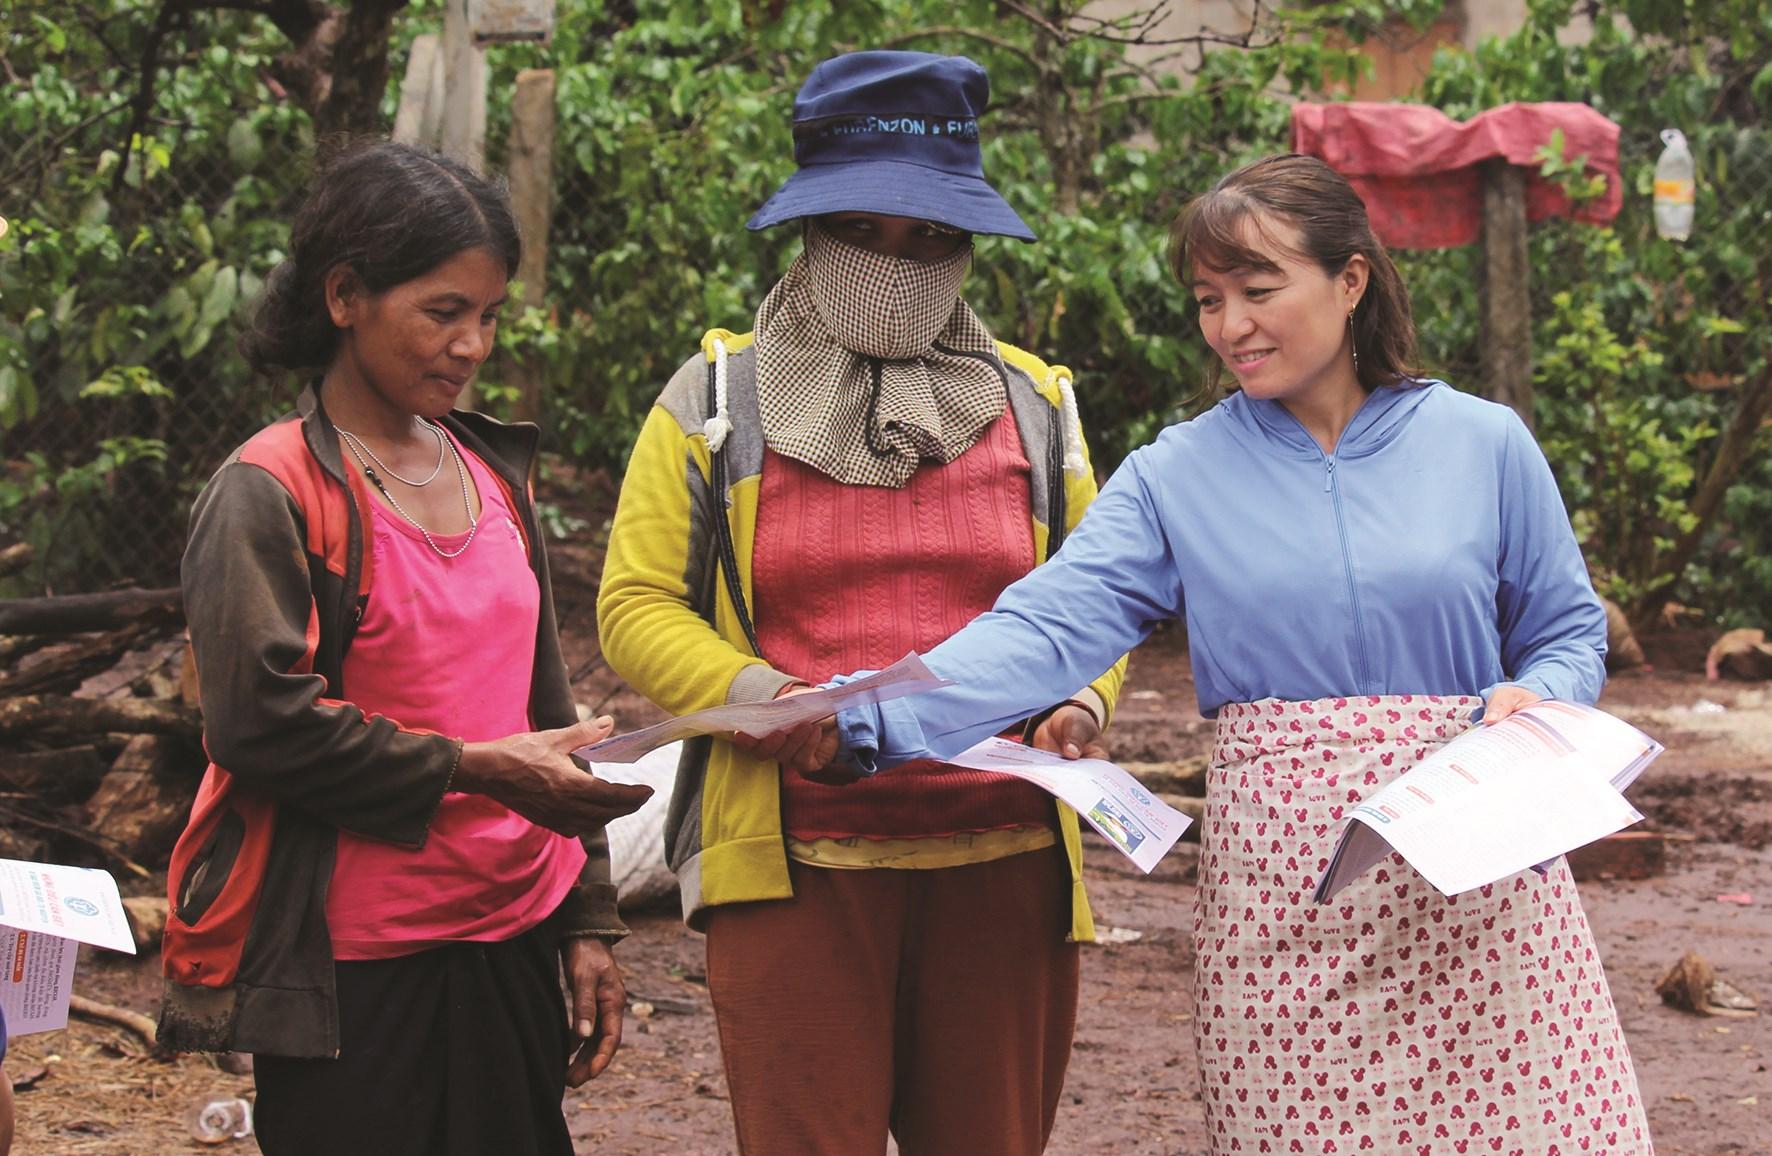 Tuyên truyền viên, cộng tác viên thôn, làng đi từng ngõ, gõ từng nhà để thông tin, tuyên truyền nâng cao nhận thức cho các chị em phụ nữ về chăm sóc SKSS - KHHGĐ